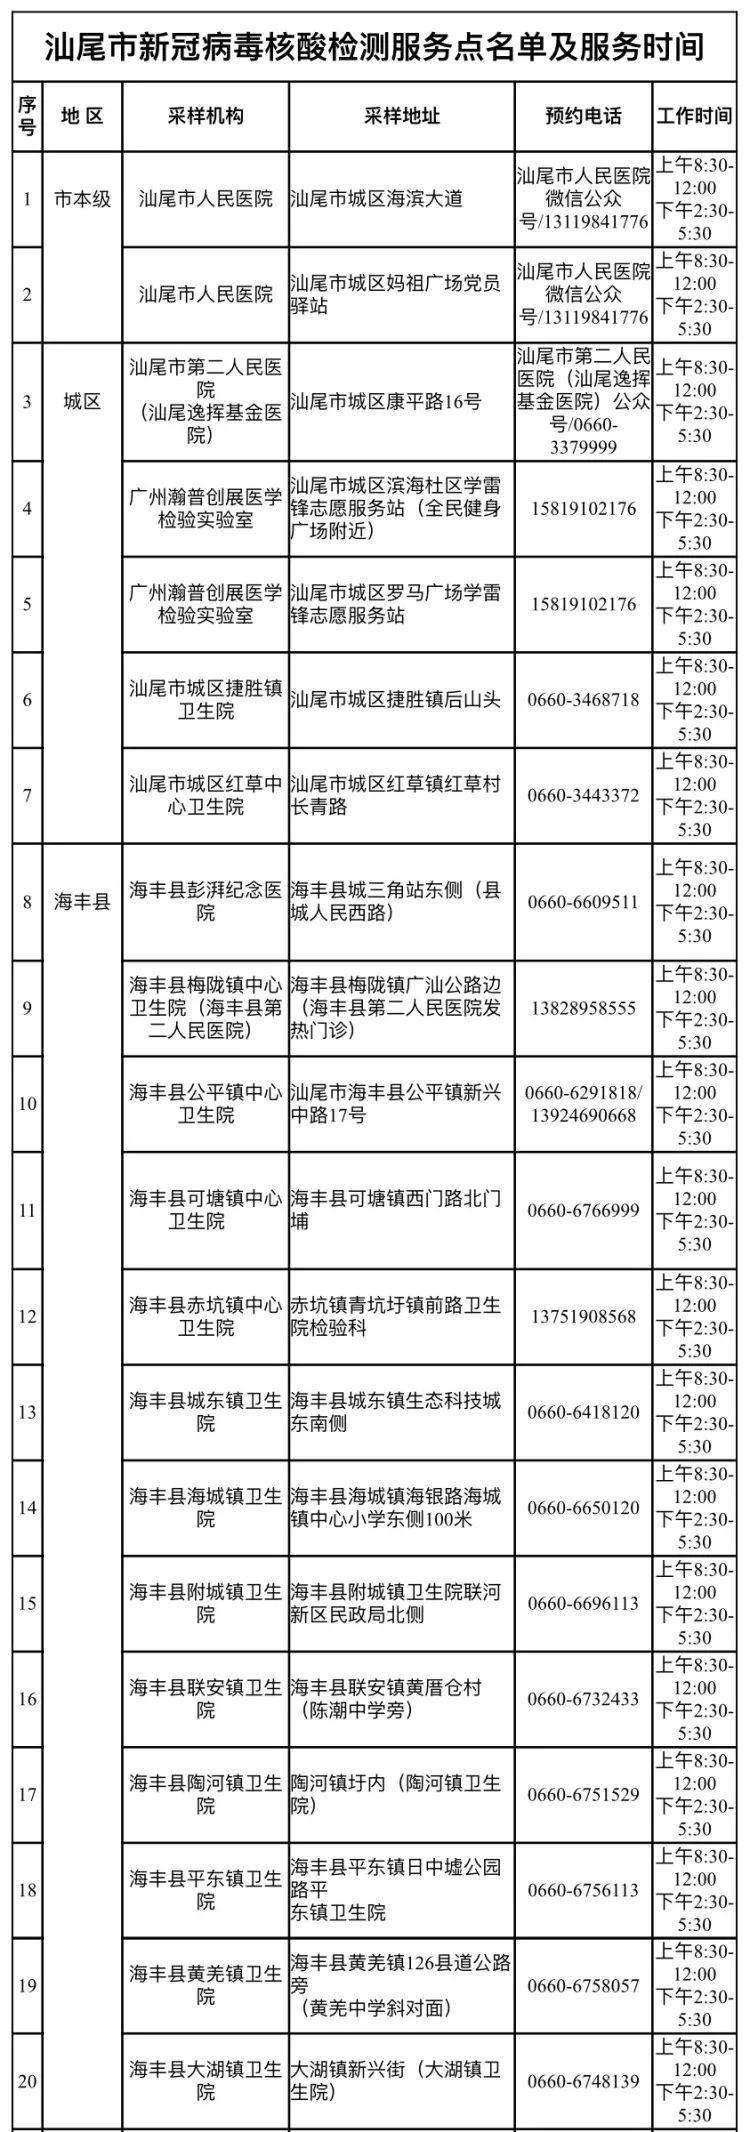 汕尾市新冠病毒核酸检测服务点名单及服务时间 汕尾新闻 第1张